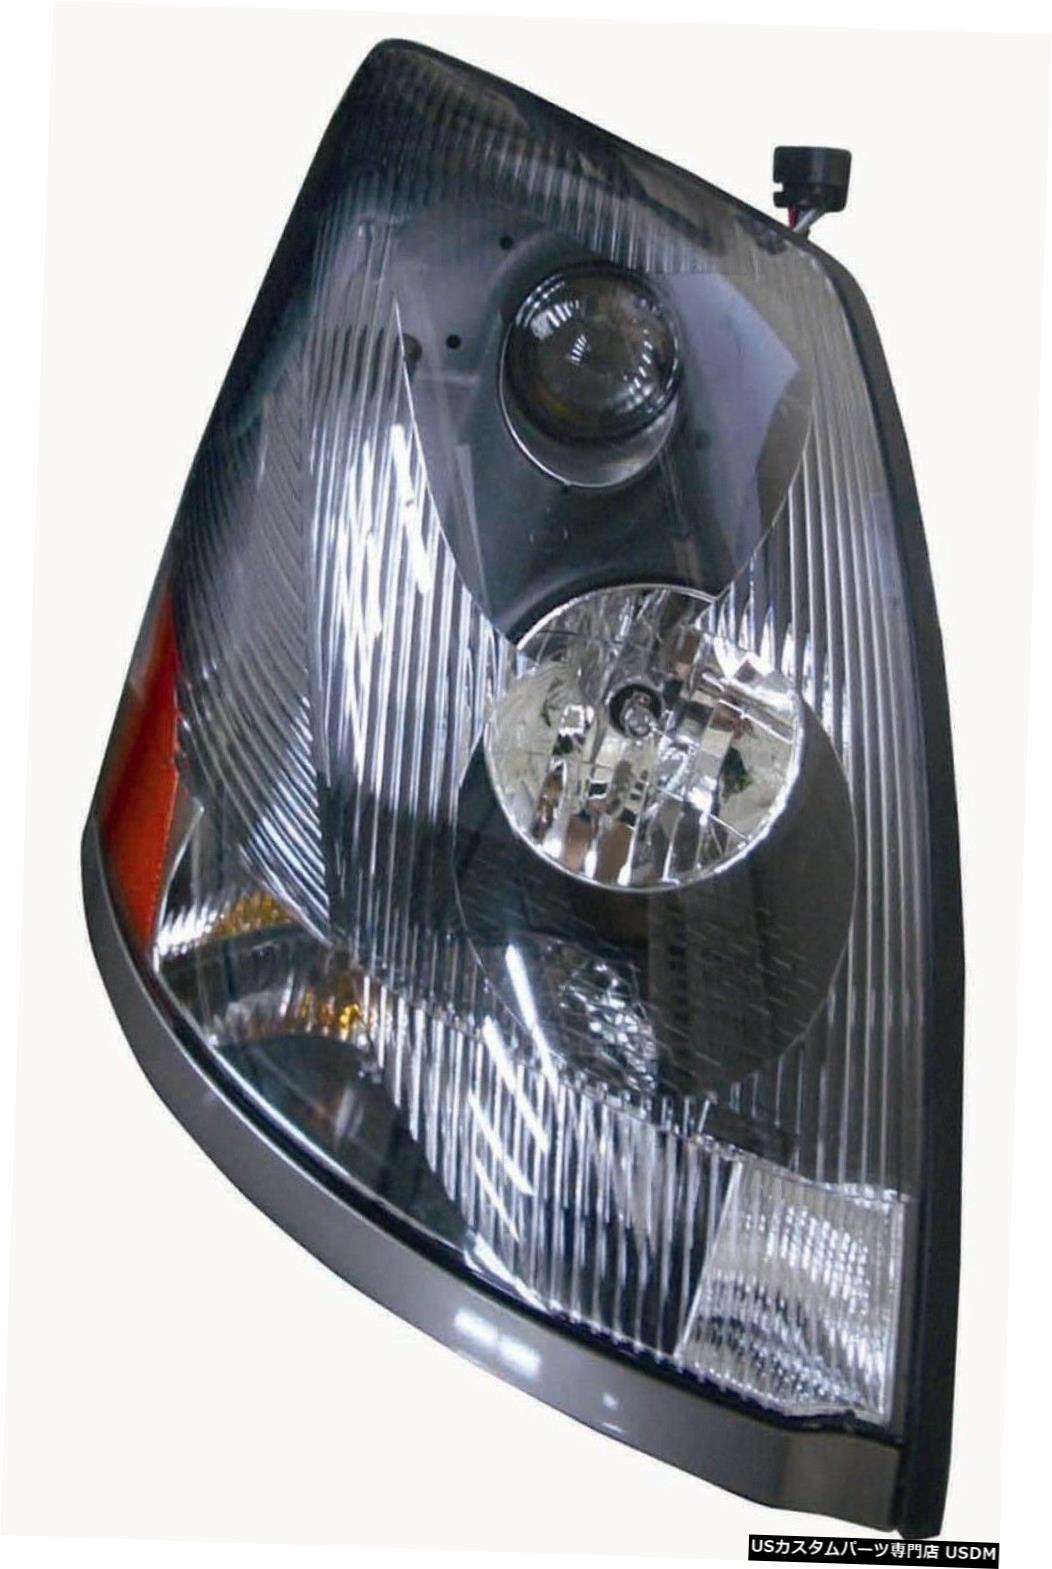 車用品 バイク用品 >> パーツ ライト ランプ 日本最大級の品揃え ヘッドライト Headlight VOLVO VNL VNM VNX 300430630670 2007ペアヘッドライトヘッドランプライト 670 430 PAIR LIGHTS LAMPS 630 キャンペーンもお見逃しなく 300 HEAD 2007 HEADLIGHTS 2006